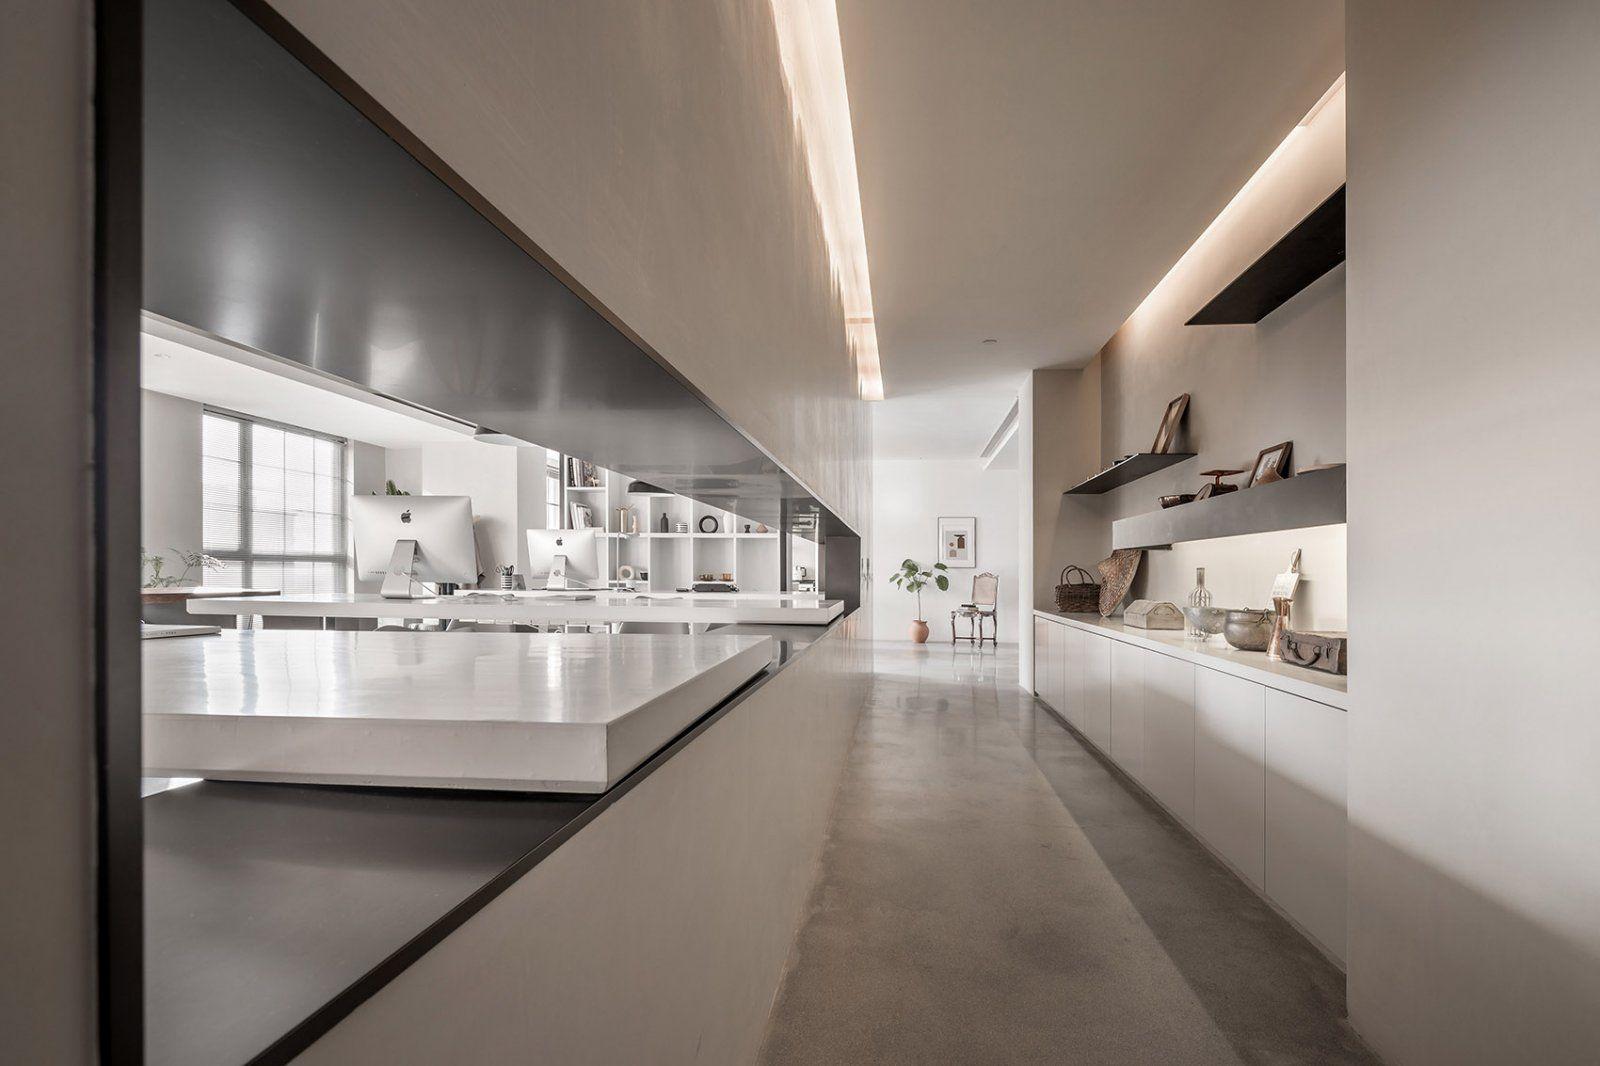 杭州莫语生活办公室 | 杭州时上建筑空间设计|沈墨 - 3